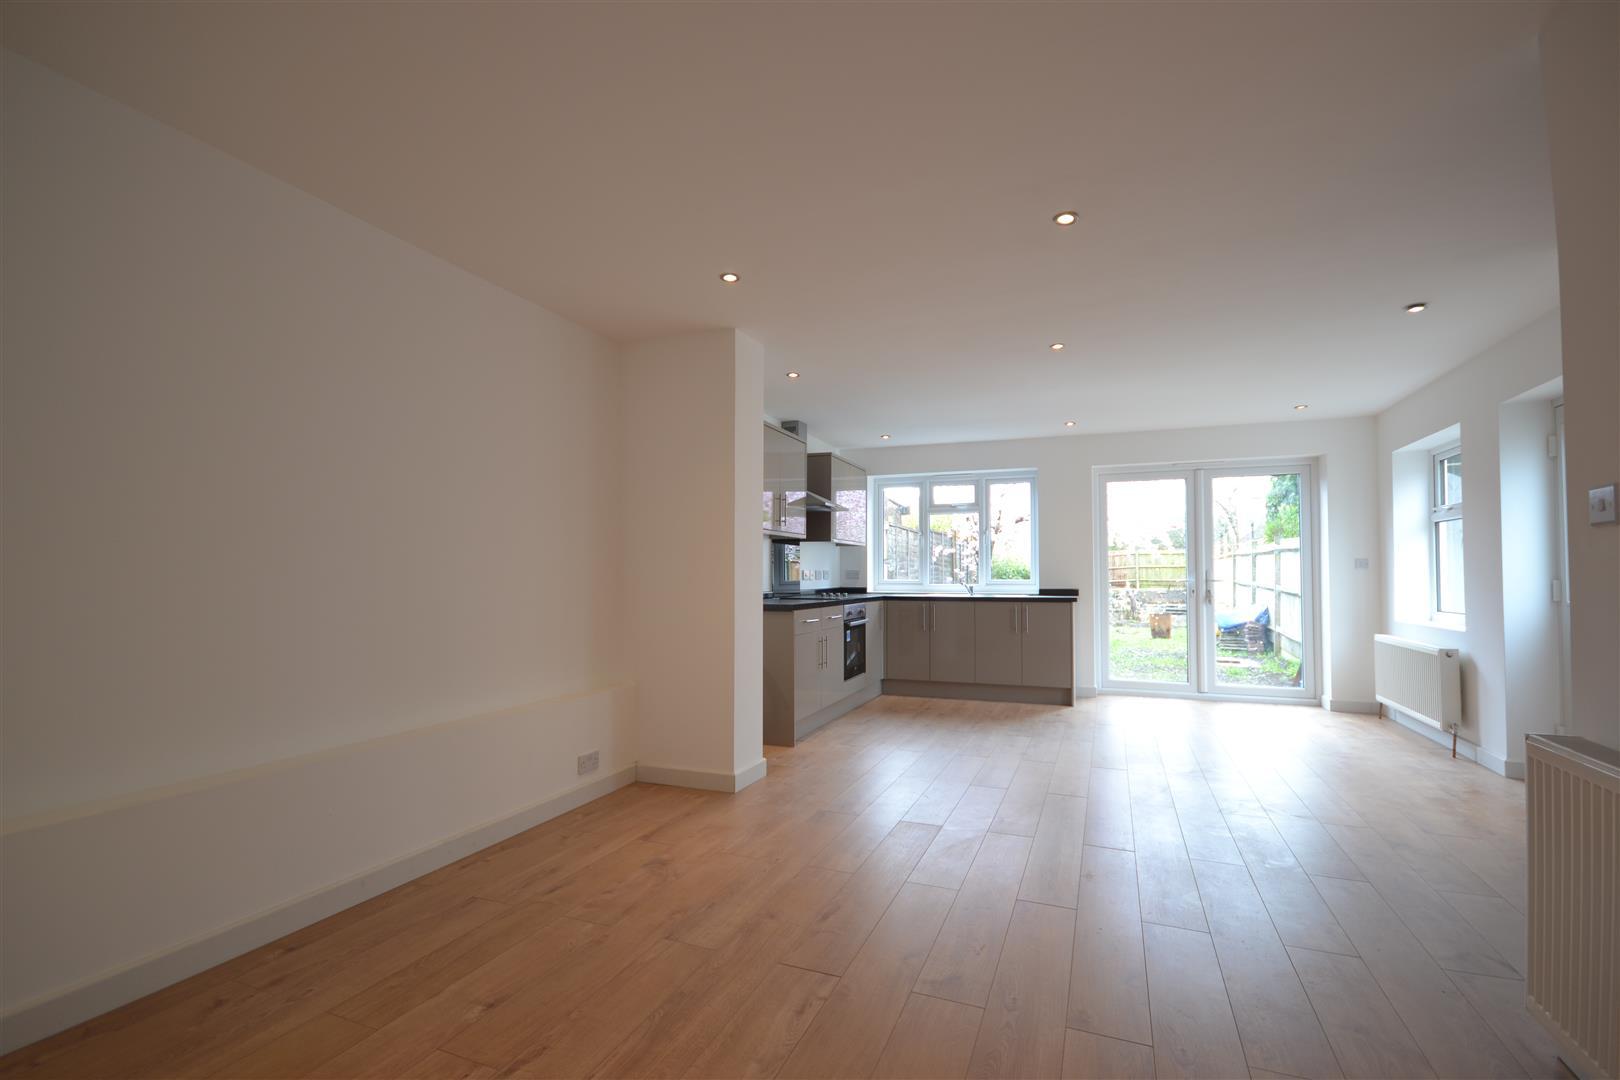 Kitchen Diner Flooring Property For Sale Horton Hill Epsom Cairds Estate Agents